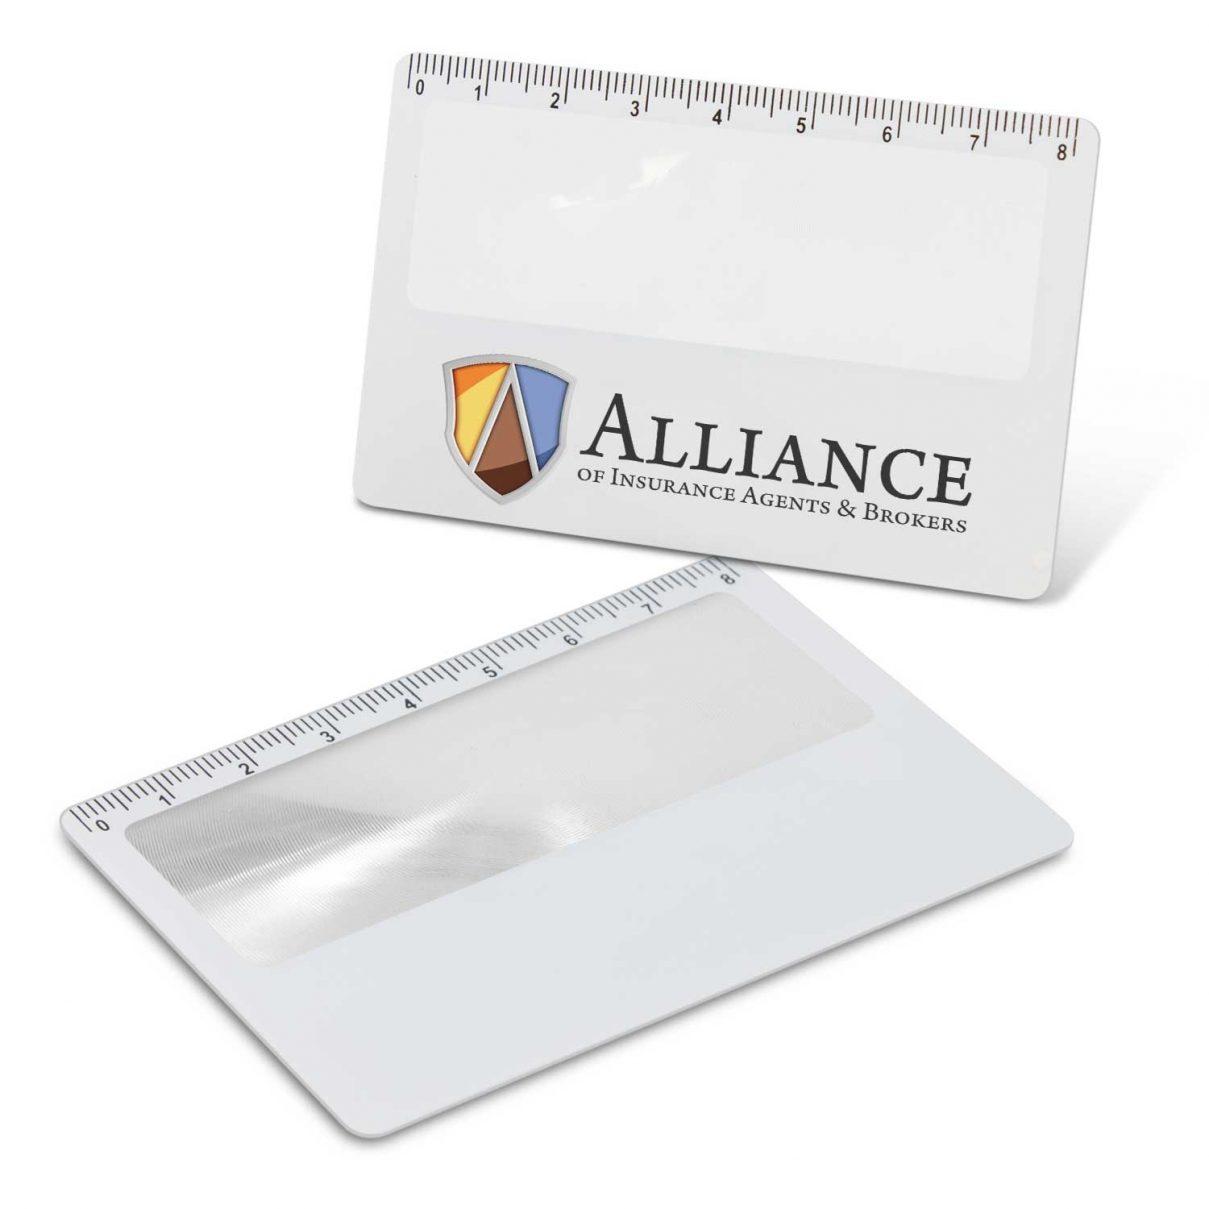 Card Magnifier Bulk Supplier